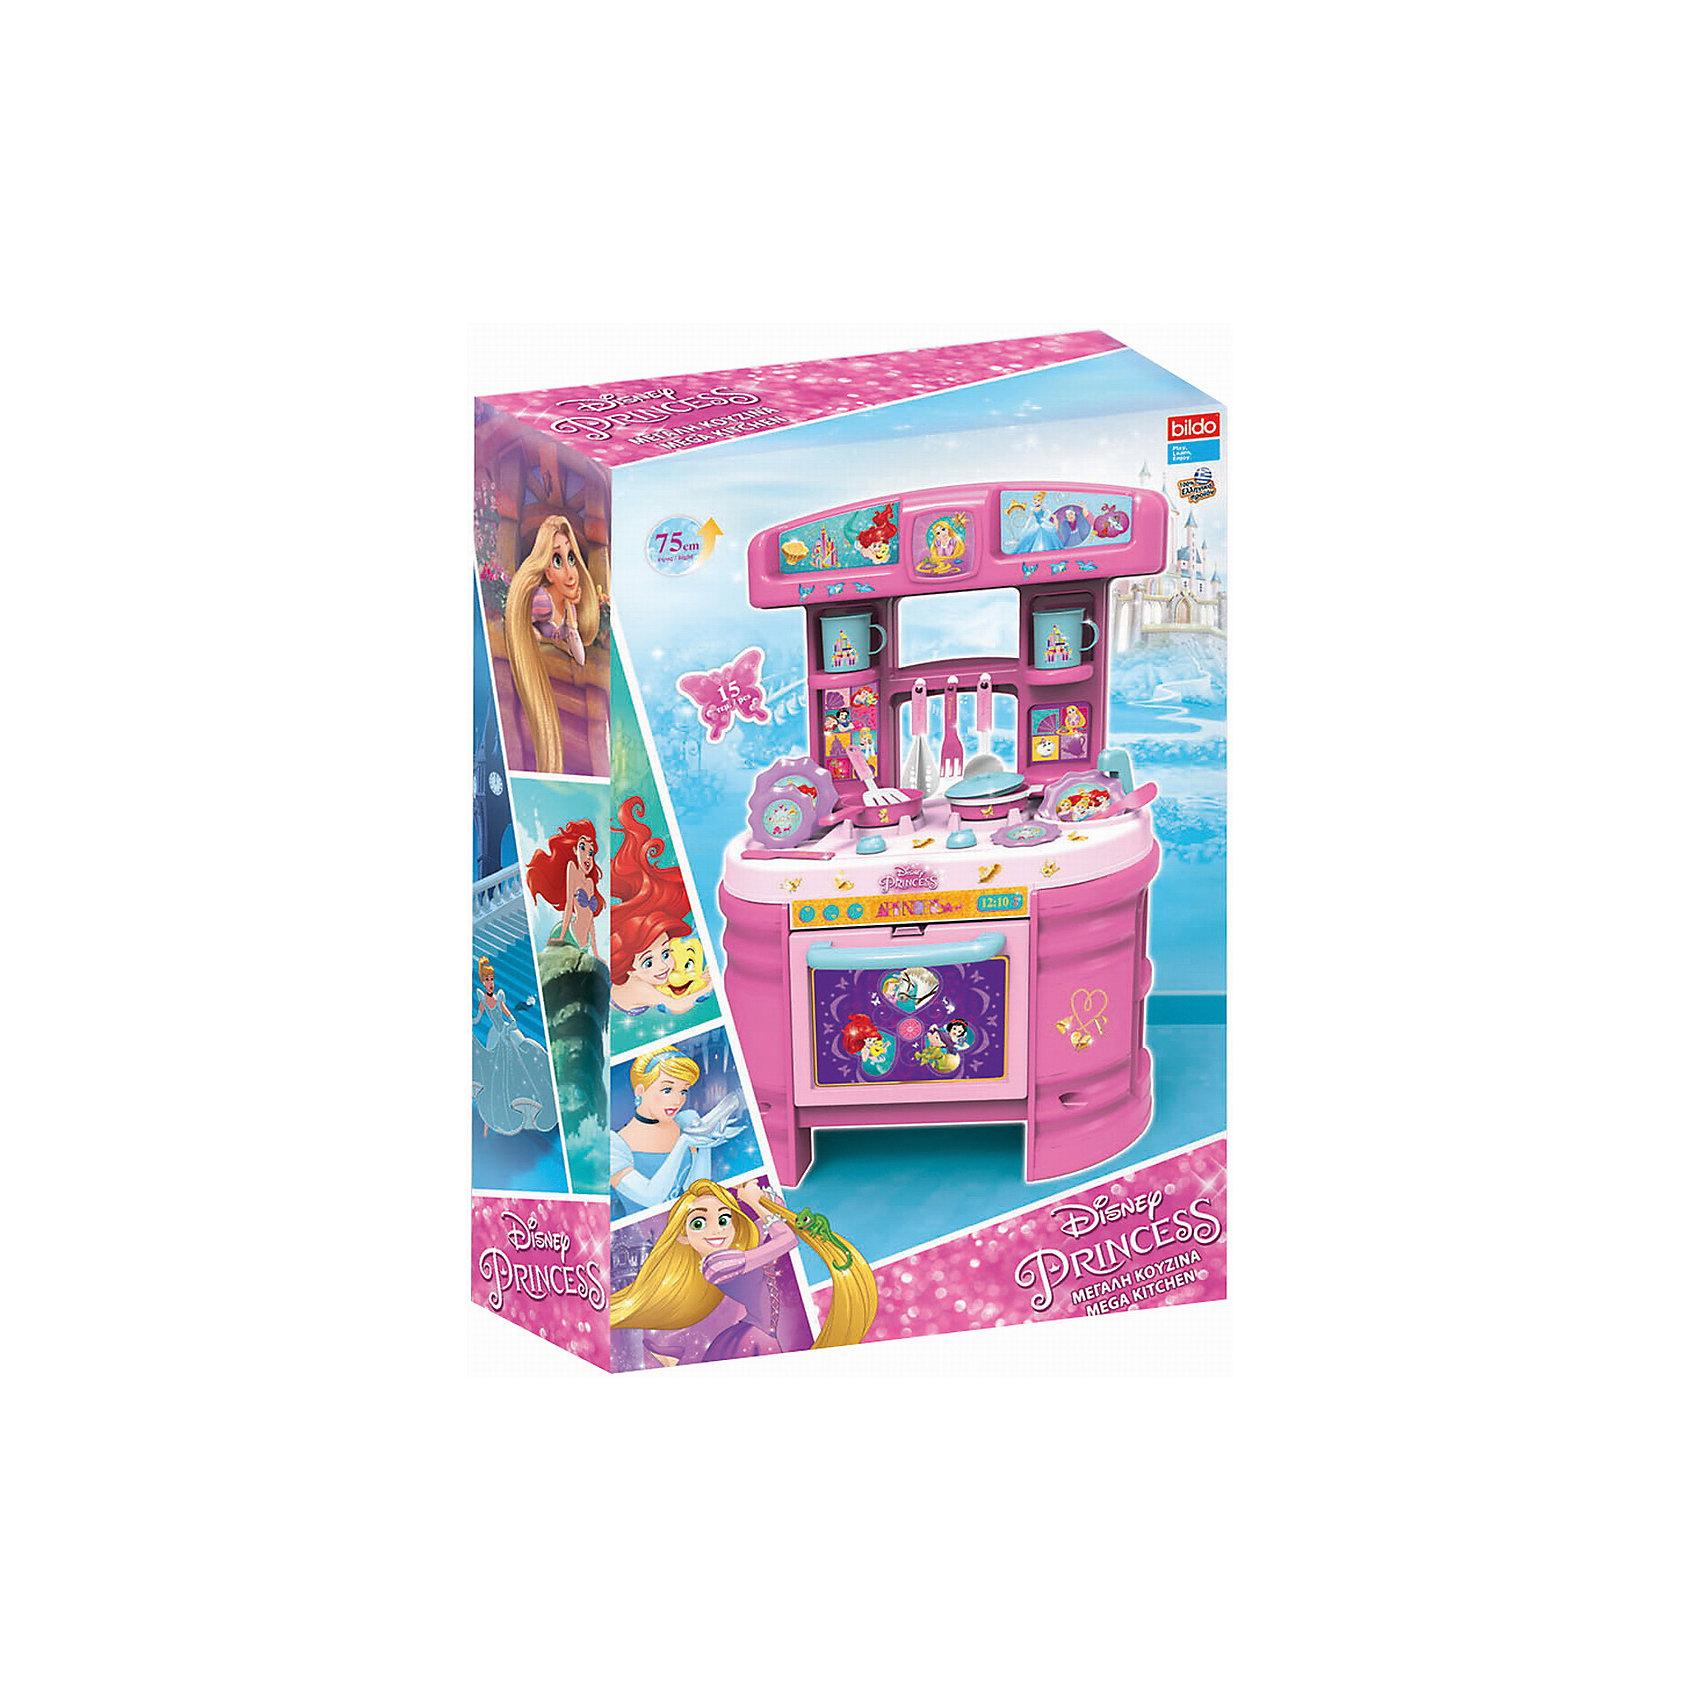 Игровая кухня большая Принцесса, BildoИгровая кухня большая Принцесса, Bildo.<br><br>Характеристики:<br><br>- В комплекте: кухня, набор посуды, наклейки<br>- Количество аксессуаров: 17<br>- Высота кухни в собранном виде: 75 см.<br>- Материал: пластик<br><br>Вашей маленькой хозяйке понравиться готовить королевский обед на кухне с изображением любимых принцесс Диснея. Мега Кухня оснащена 17 аксессуарами для реалистичной игры, включая пластиковые тарелки, кастрюли, столовые приборы и посуду. В духовом шкафчике с открывающейся дверцей, девочка сможет испечь пирог, а на реалистичной плите пожарить яичницу. Игровая кухня, также оборудована раковиной для «мытья» грязной посуды, полками для хранения чашек и крючками для подвешивания кухонных принадлежностей. Великолепная большая кухня Принцесса, Bildo не даст вашей девочке заскучать и позволит почувствовать себя настоящей хозяюшкой. А наклейки с изображением Диснеевских принцесс сделают игру более увлекательной. Все элементы набора изготовлены из качественного безопасного пластика.<br><br>Игровую кухню большую Принцесса, Bildo можно купить в нашем интернет-магазине.<br><br>Ширина мм: 750<br>Глубина мм: 490<br>Высота мм: 190<br>Вес г: 2910<br>Возраст от месяцев: 36<br>Возраст до месяцев: 60<br>Пол: Женский<br>Возраст: Детский<br>SKU: 5054110